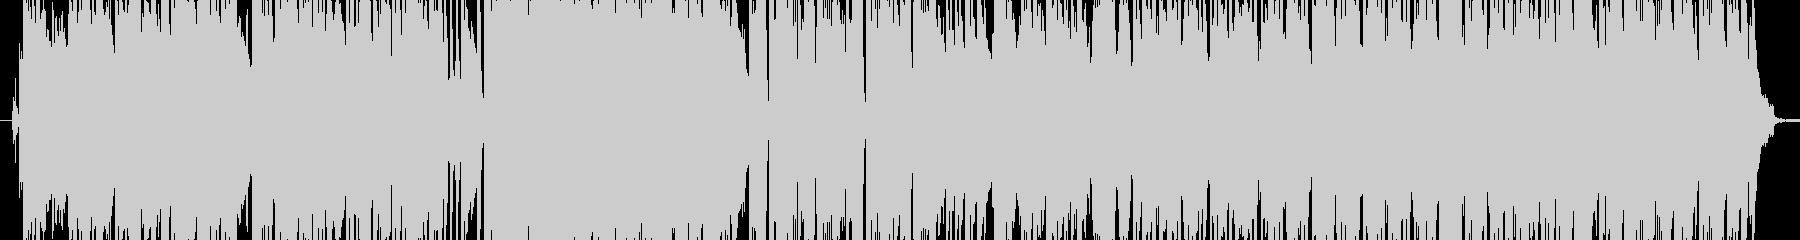 ピアノ+ストリングスの上品な室内楽の未再生の波形